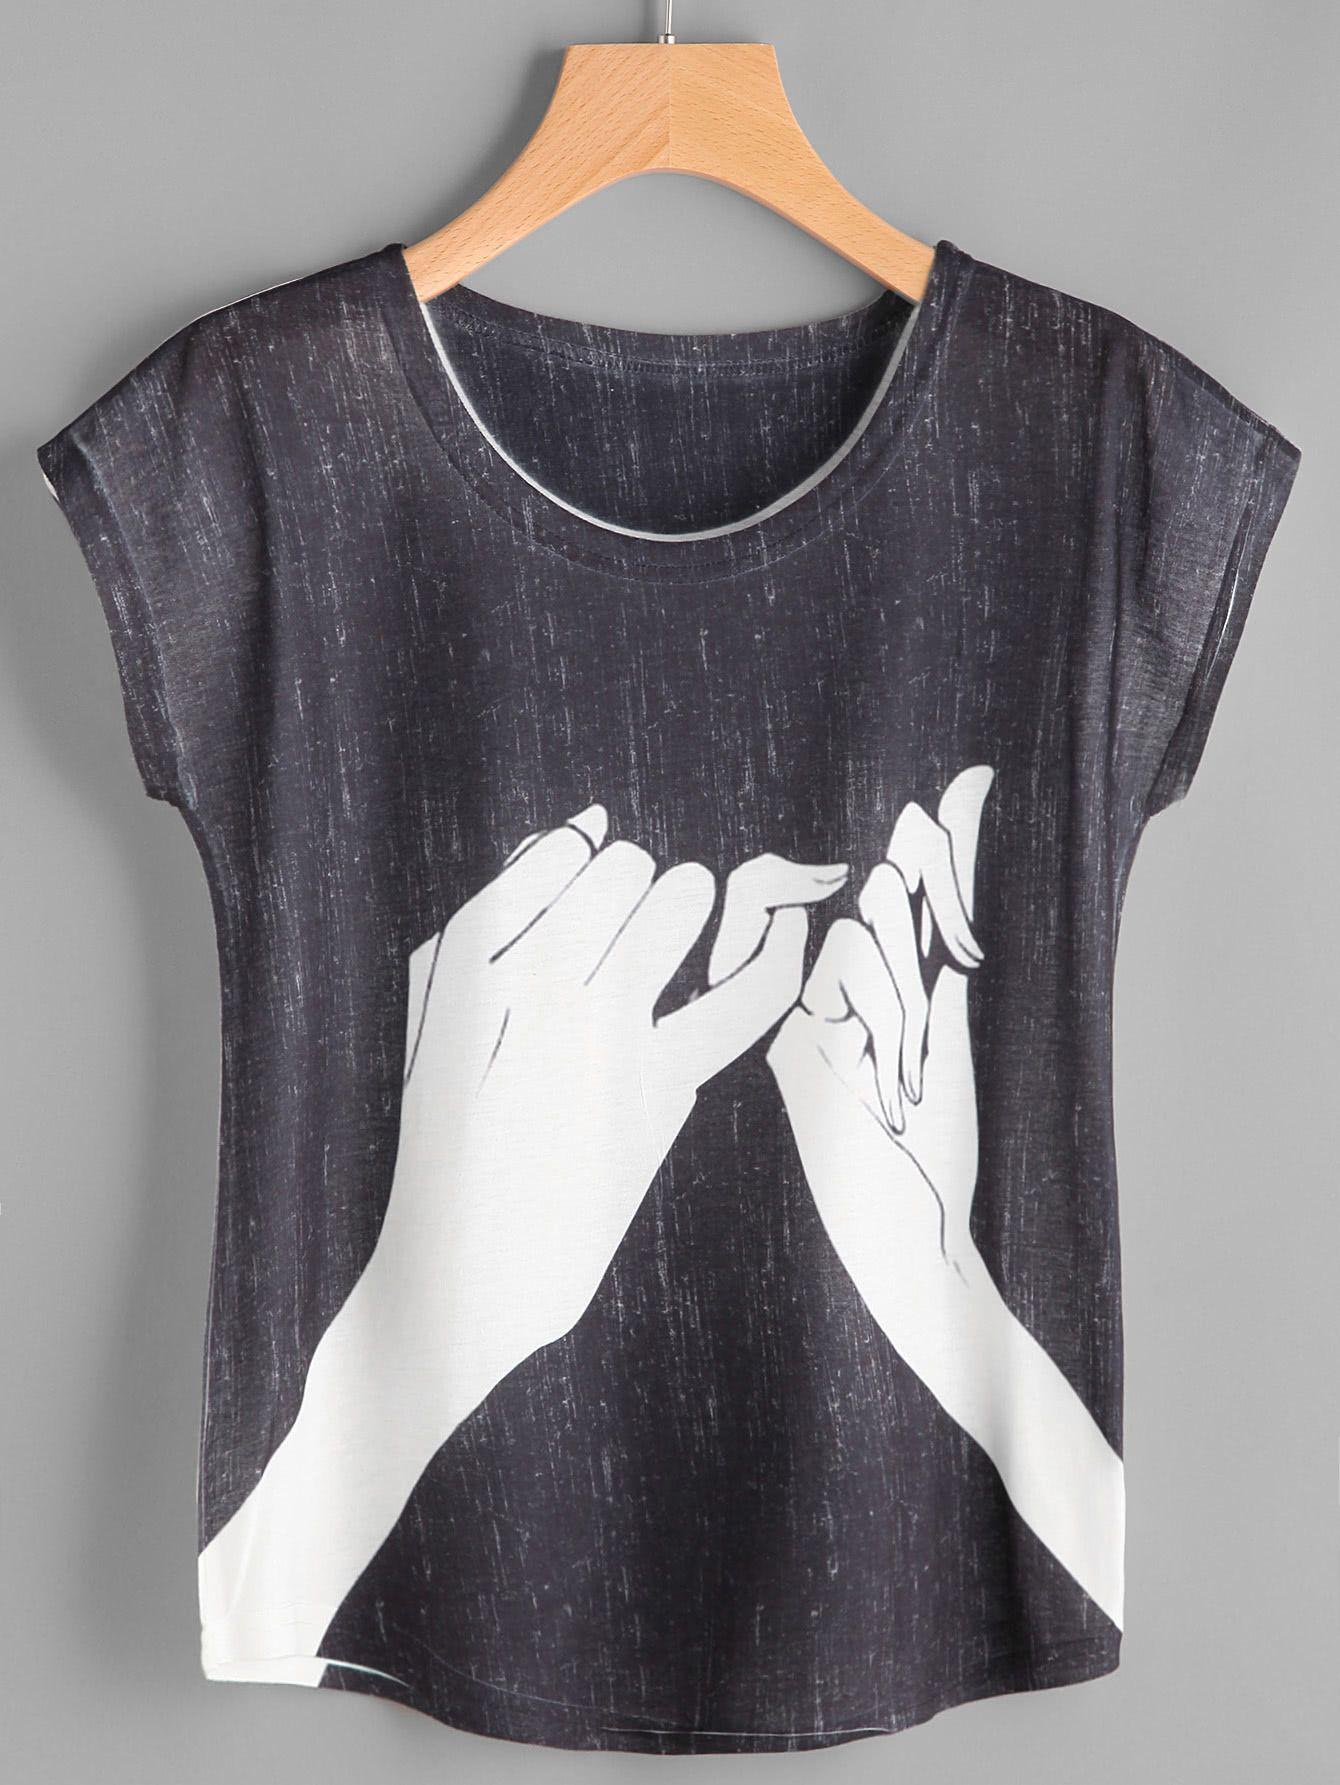 7b8d9414b4 Camiseta estampada de mano de manga de casquillo-Spanish SheIn(Sheinside)